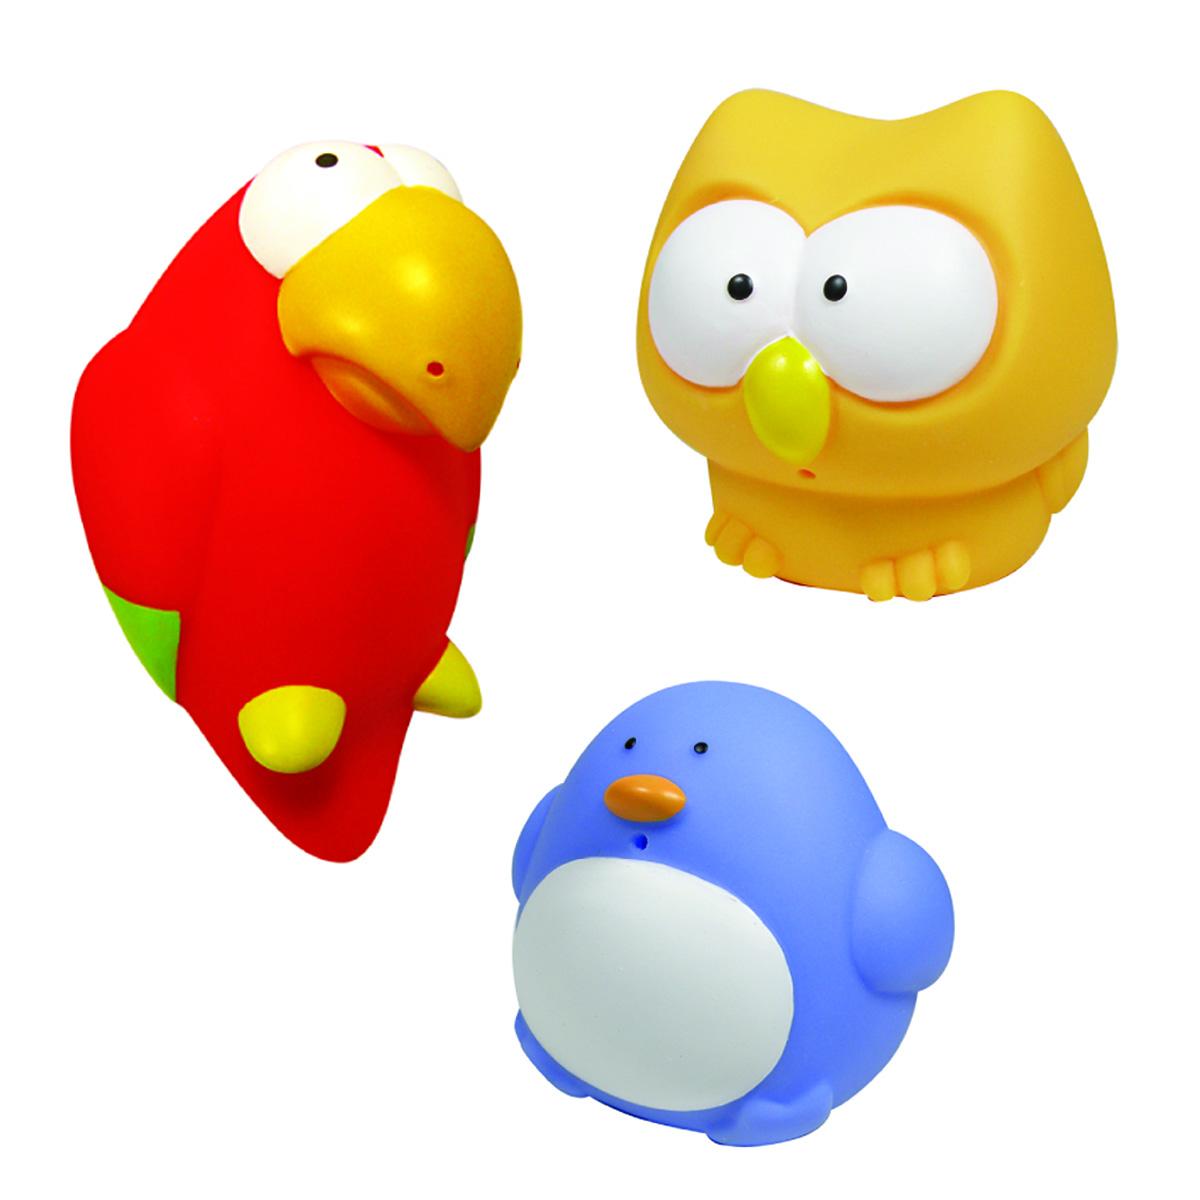 Mara Baby Набор игрушек для ванной Веселые птички 3 шт24009С набором игрушек для ванной Mara Baby Веселые птички принимать водные процедуры станет еще веселее и приятнее. В набор входят три игрушки - пингвин, сова и попугай. Игрушки могут брызгать водой. Набор доставит ребенку большое удовольствие и поможет преодолеть страх перед купанием. Игрушки для ванной способствуют развитию воображения, цветового восприятия, тактильных ощущений и мелкой моторики рук.